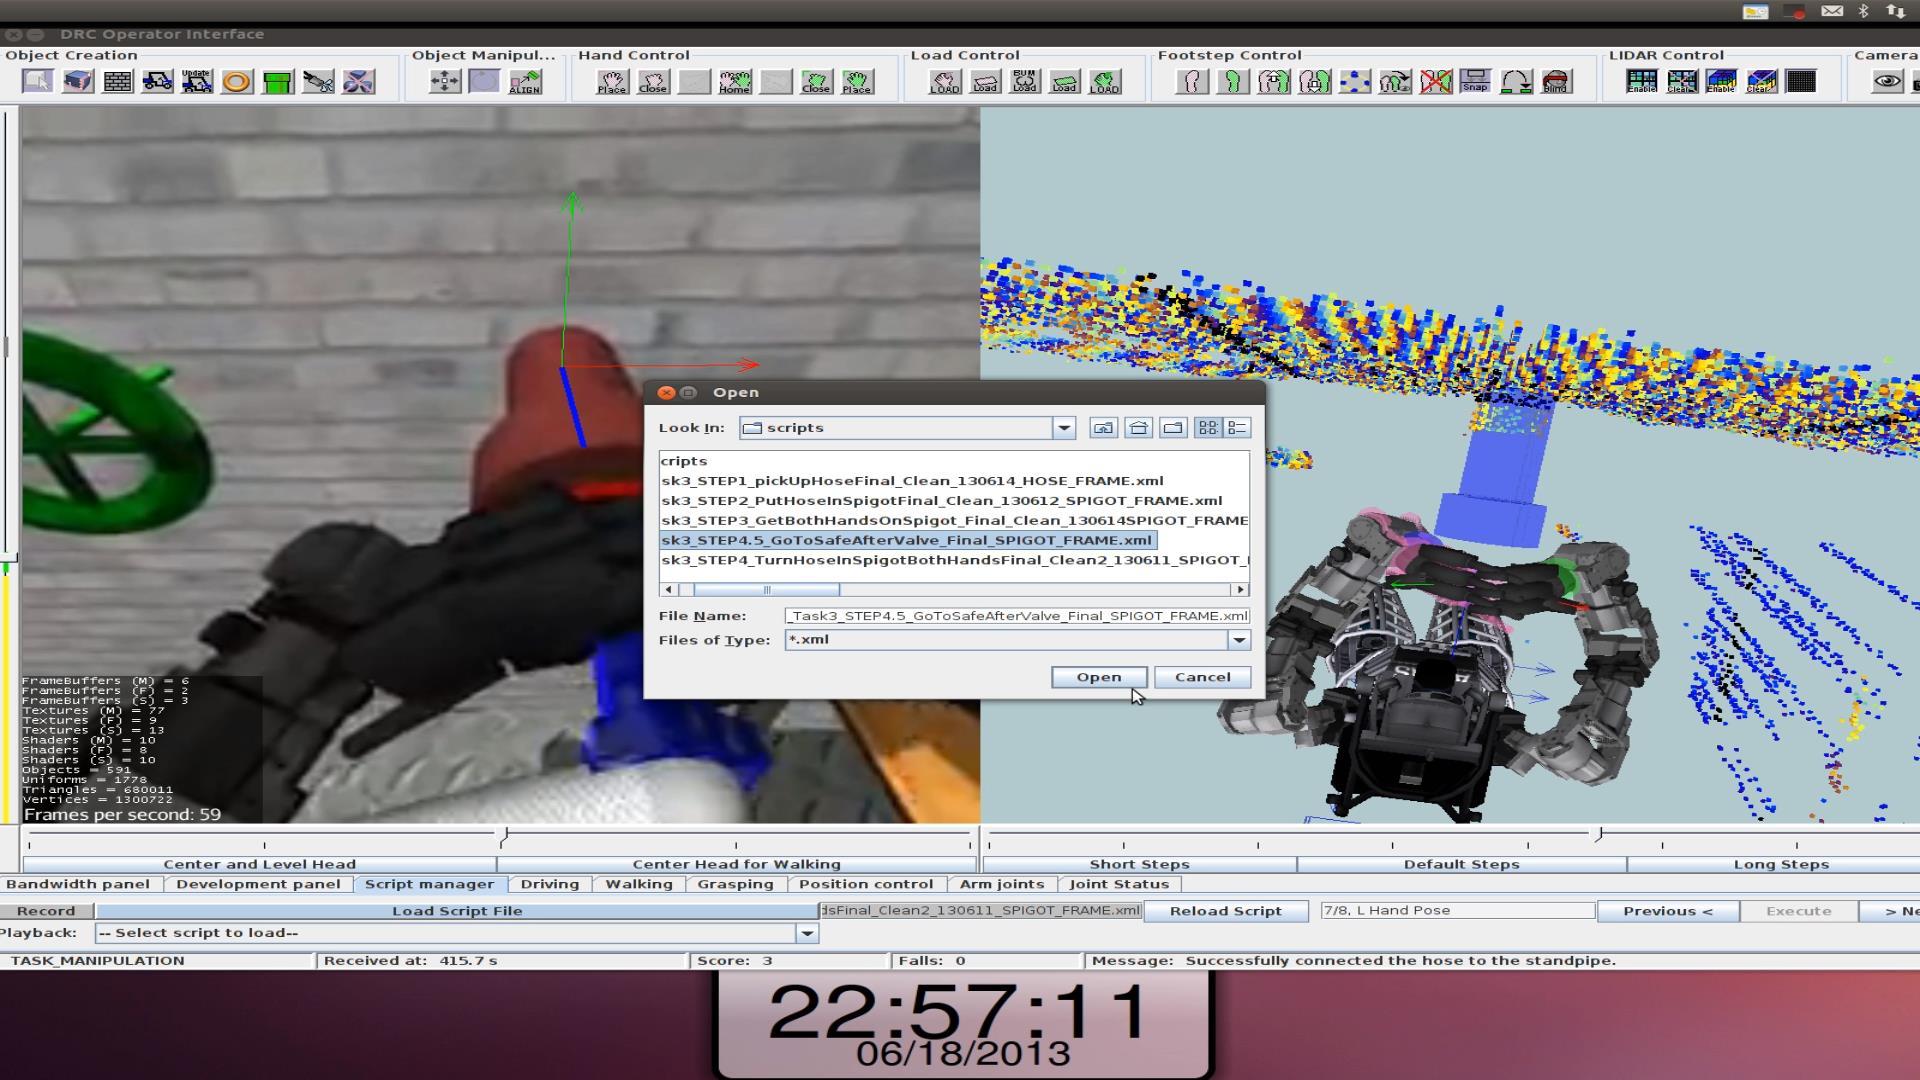 vrc_final_run2_hose (Subclip19).jpg